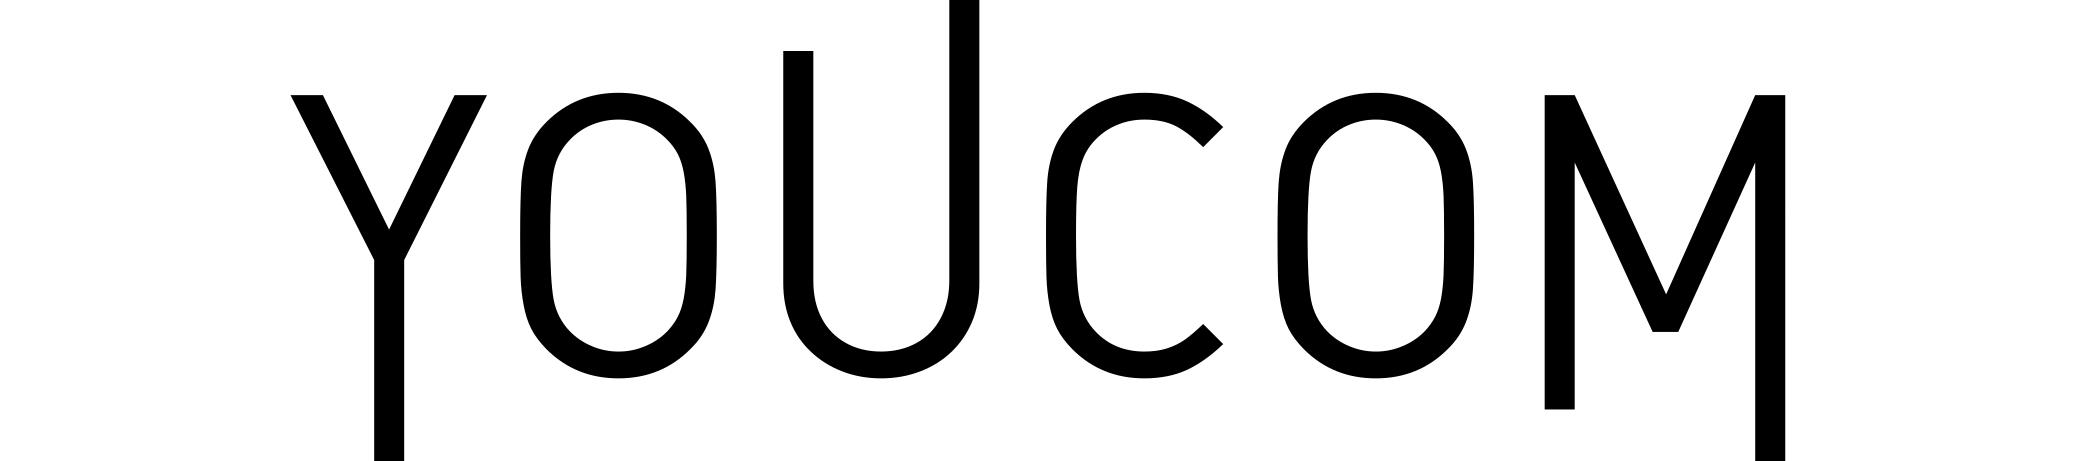 Youcom Logo.